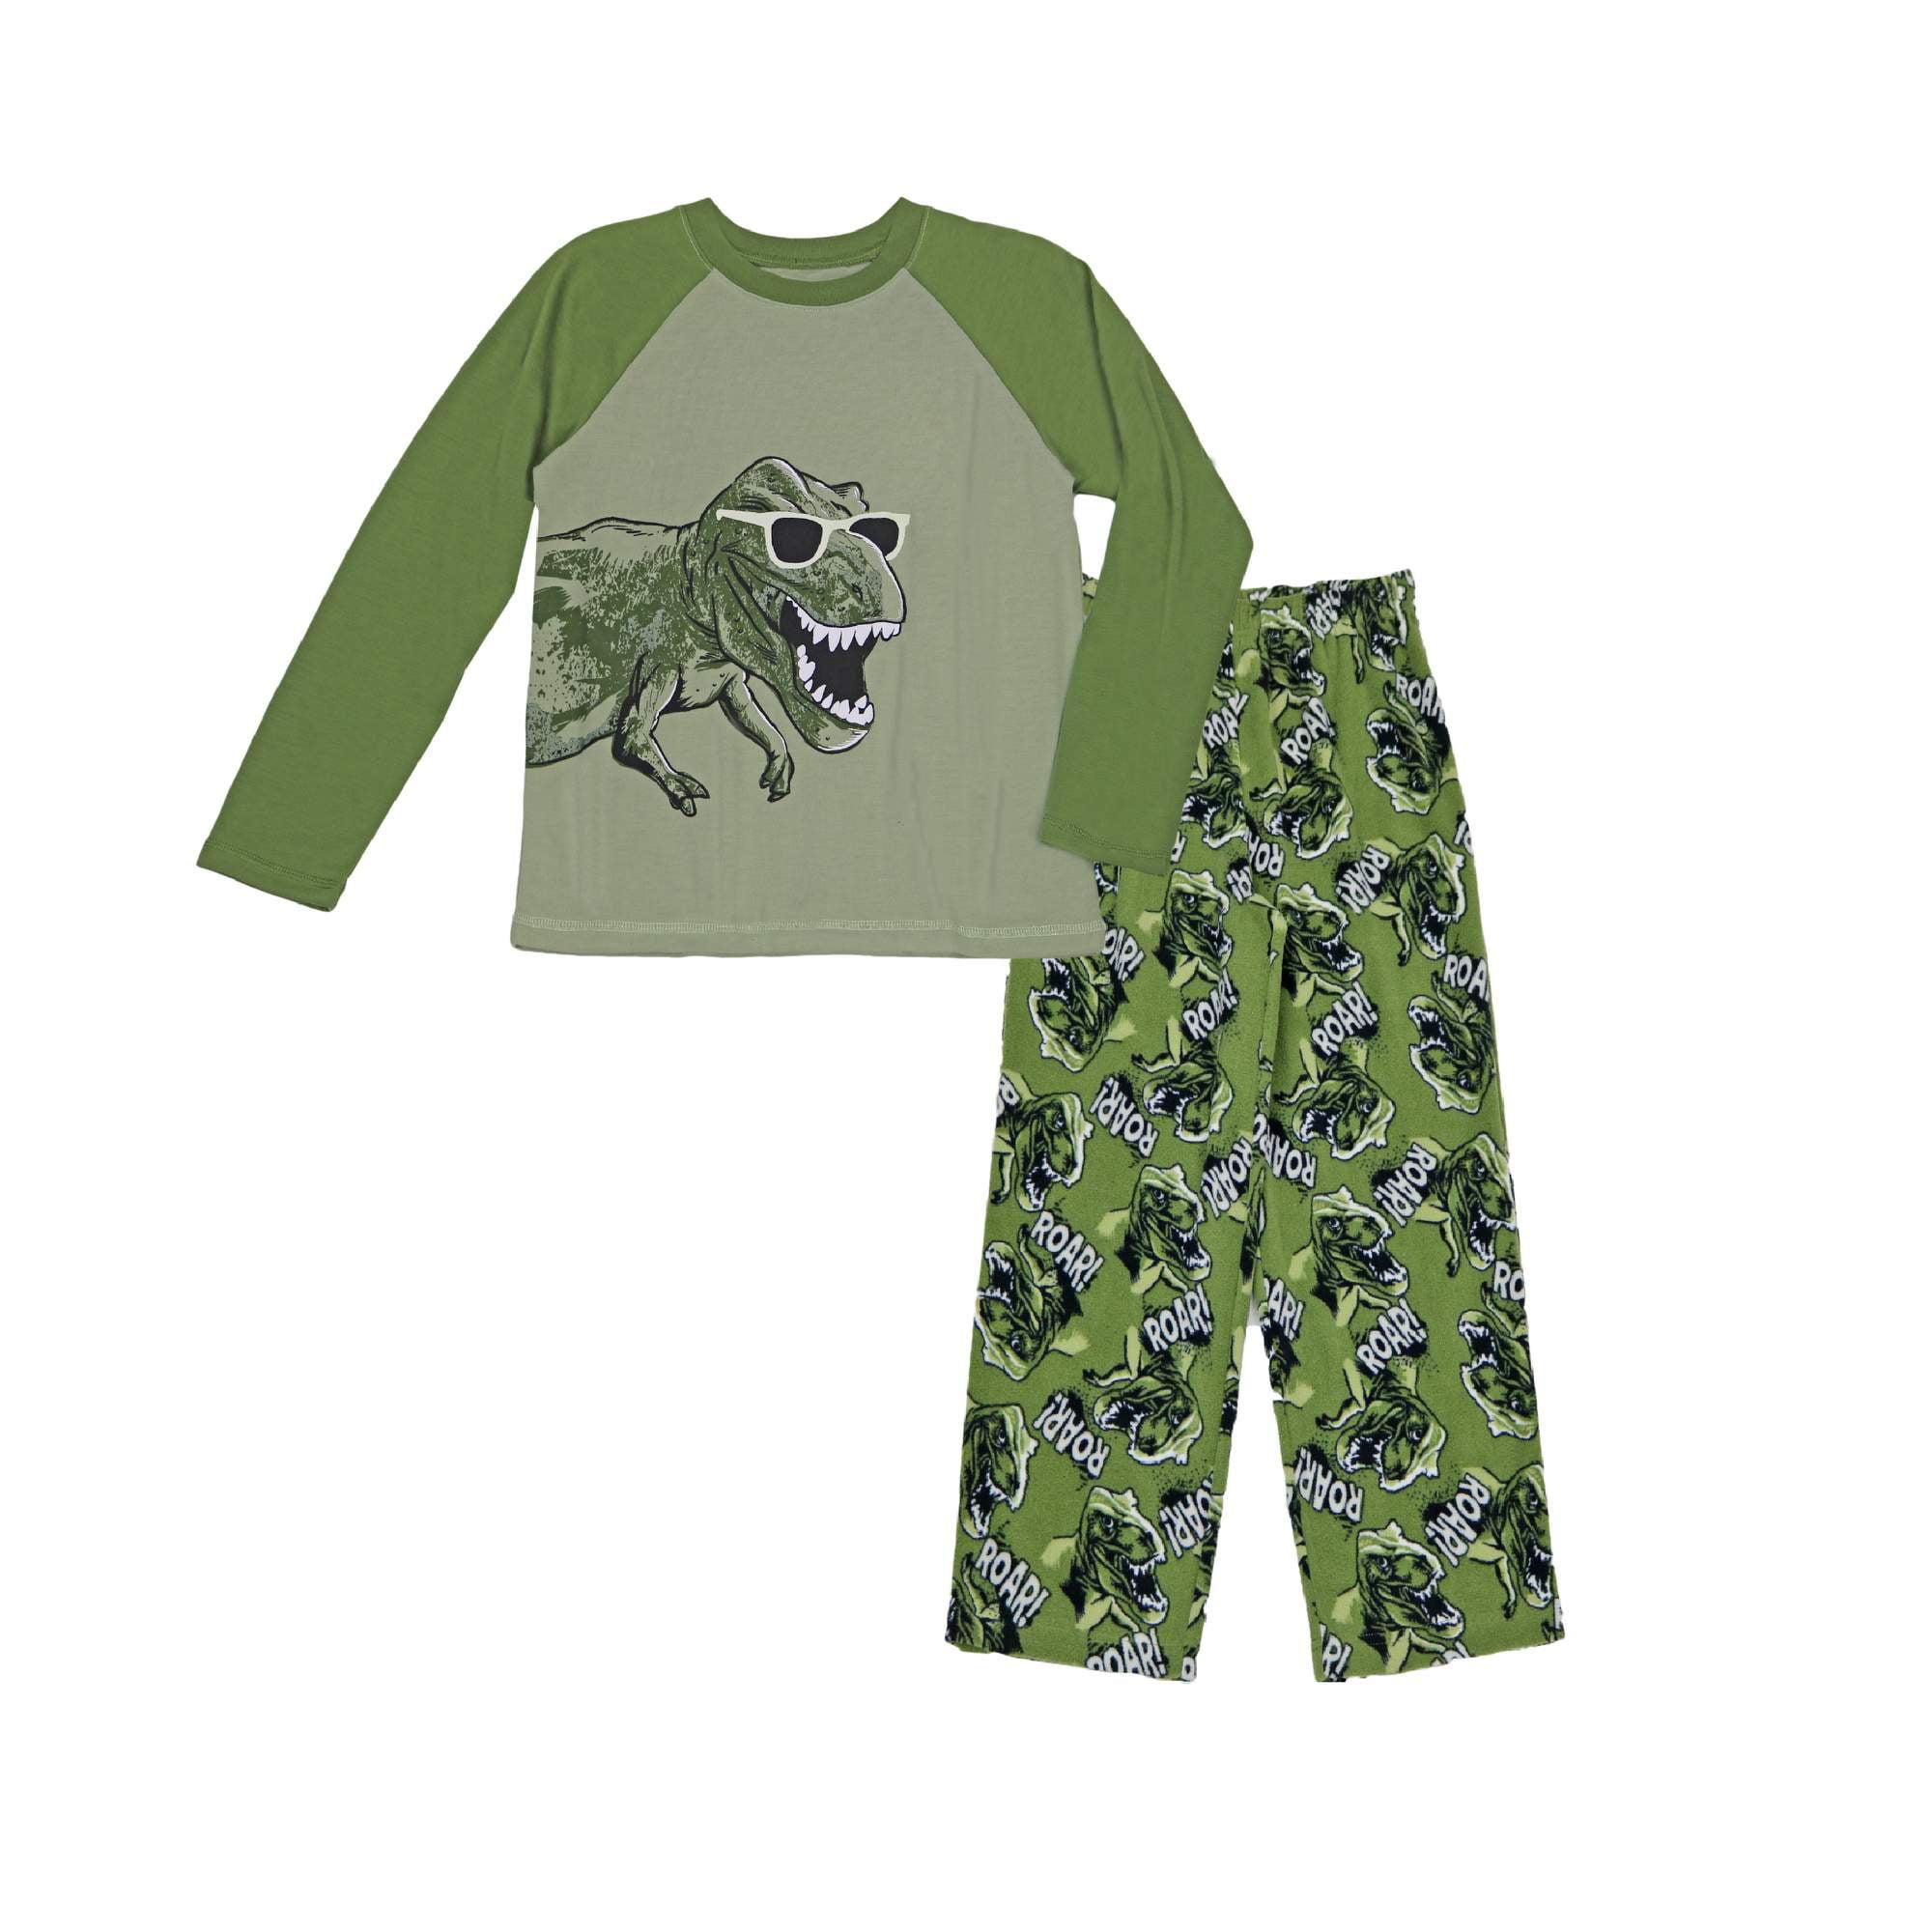 Boy's Dinosaur Graphic 2 piece Sleepwear Set